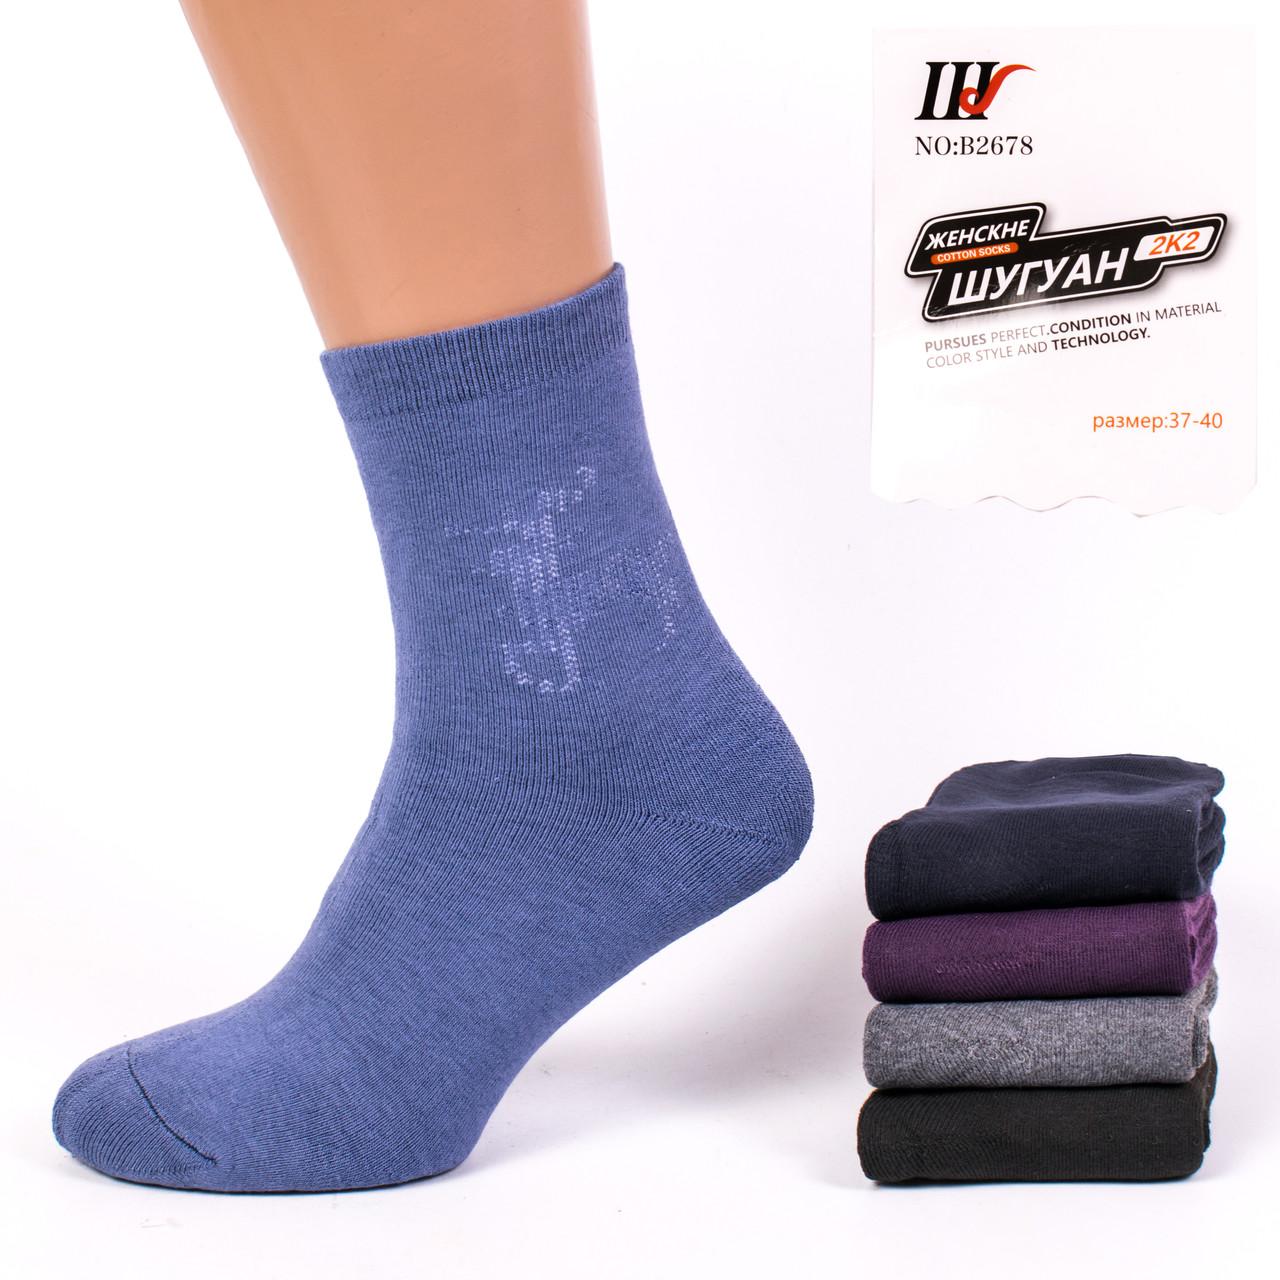 Женские махровые носки Шугуан В2678. В упаковке 12 пар